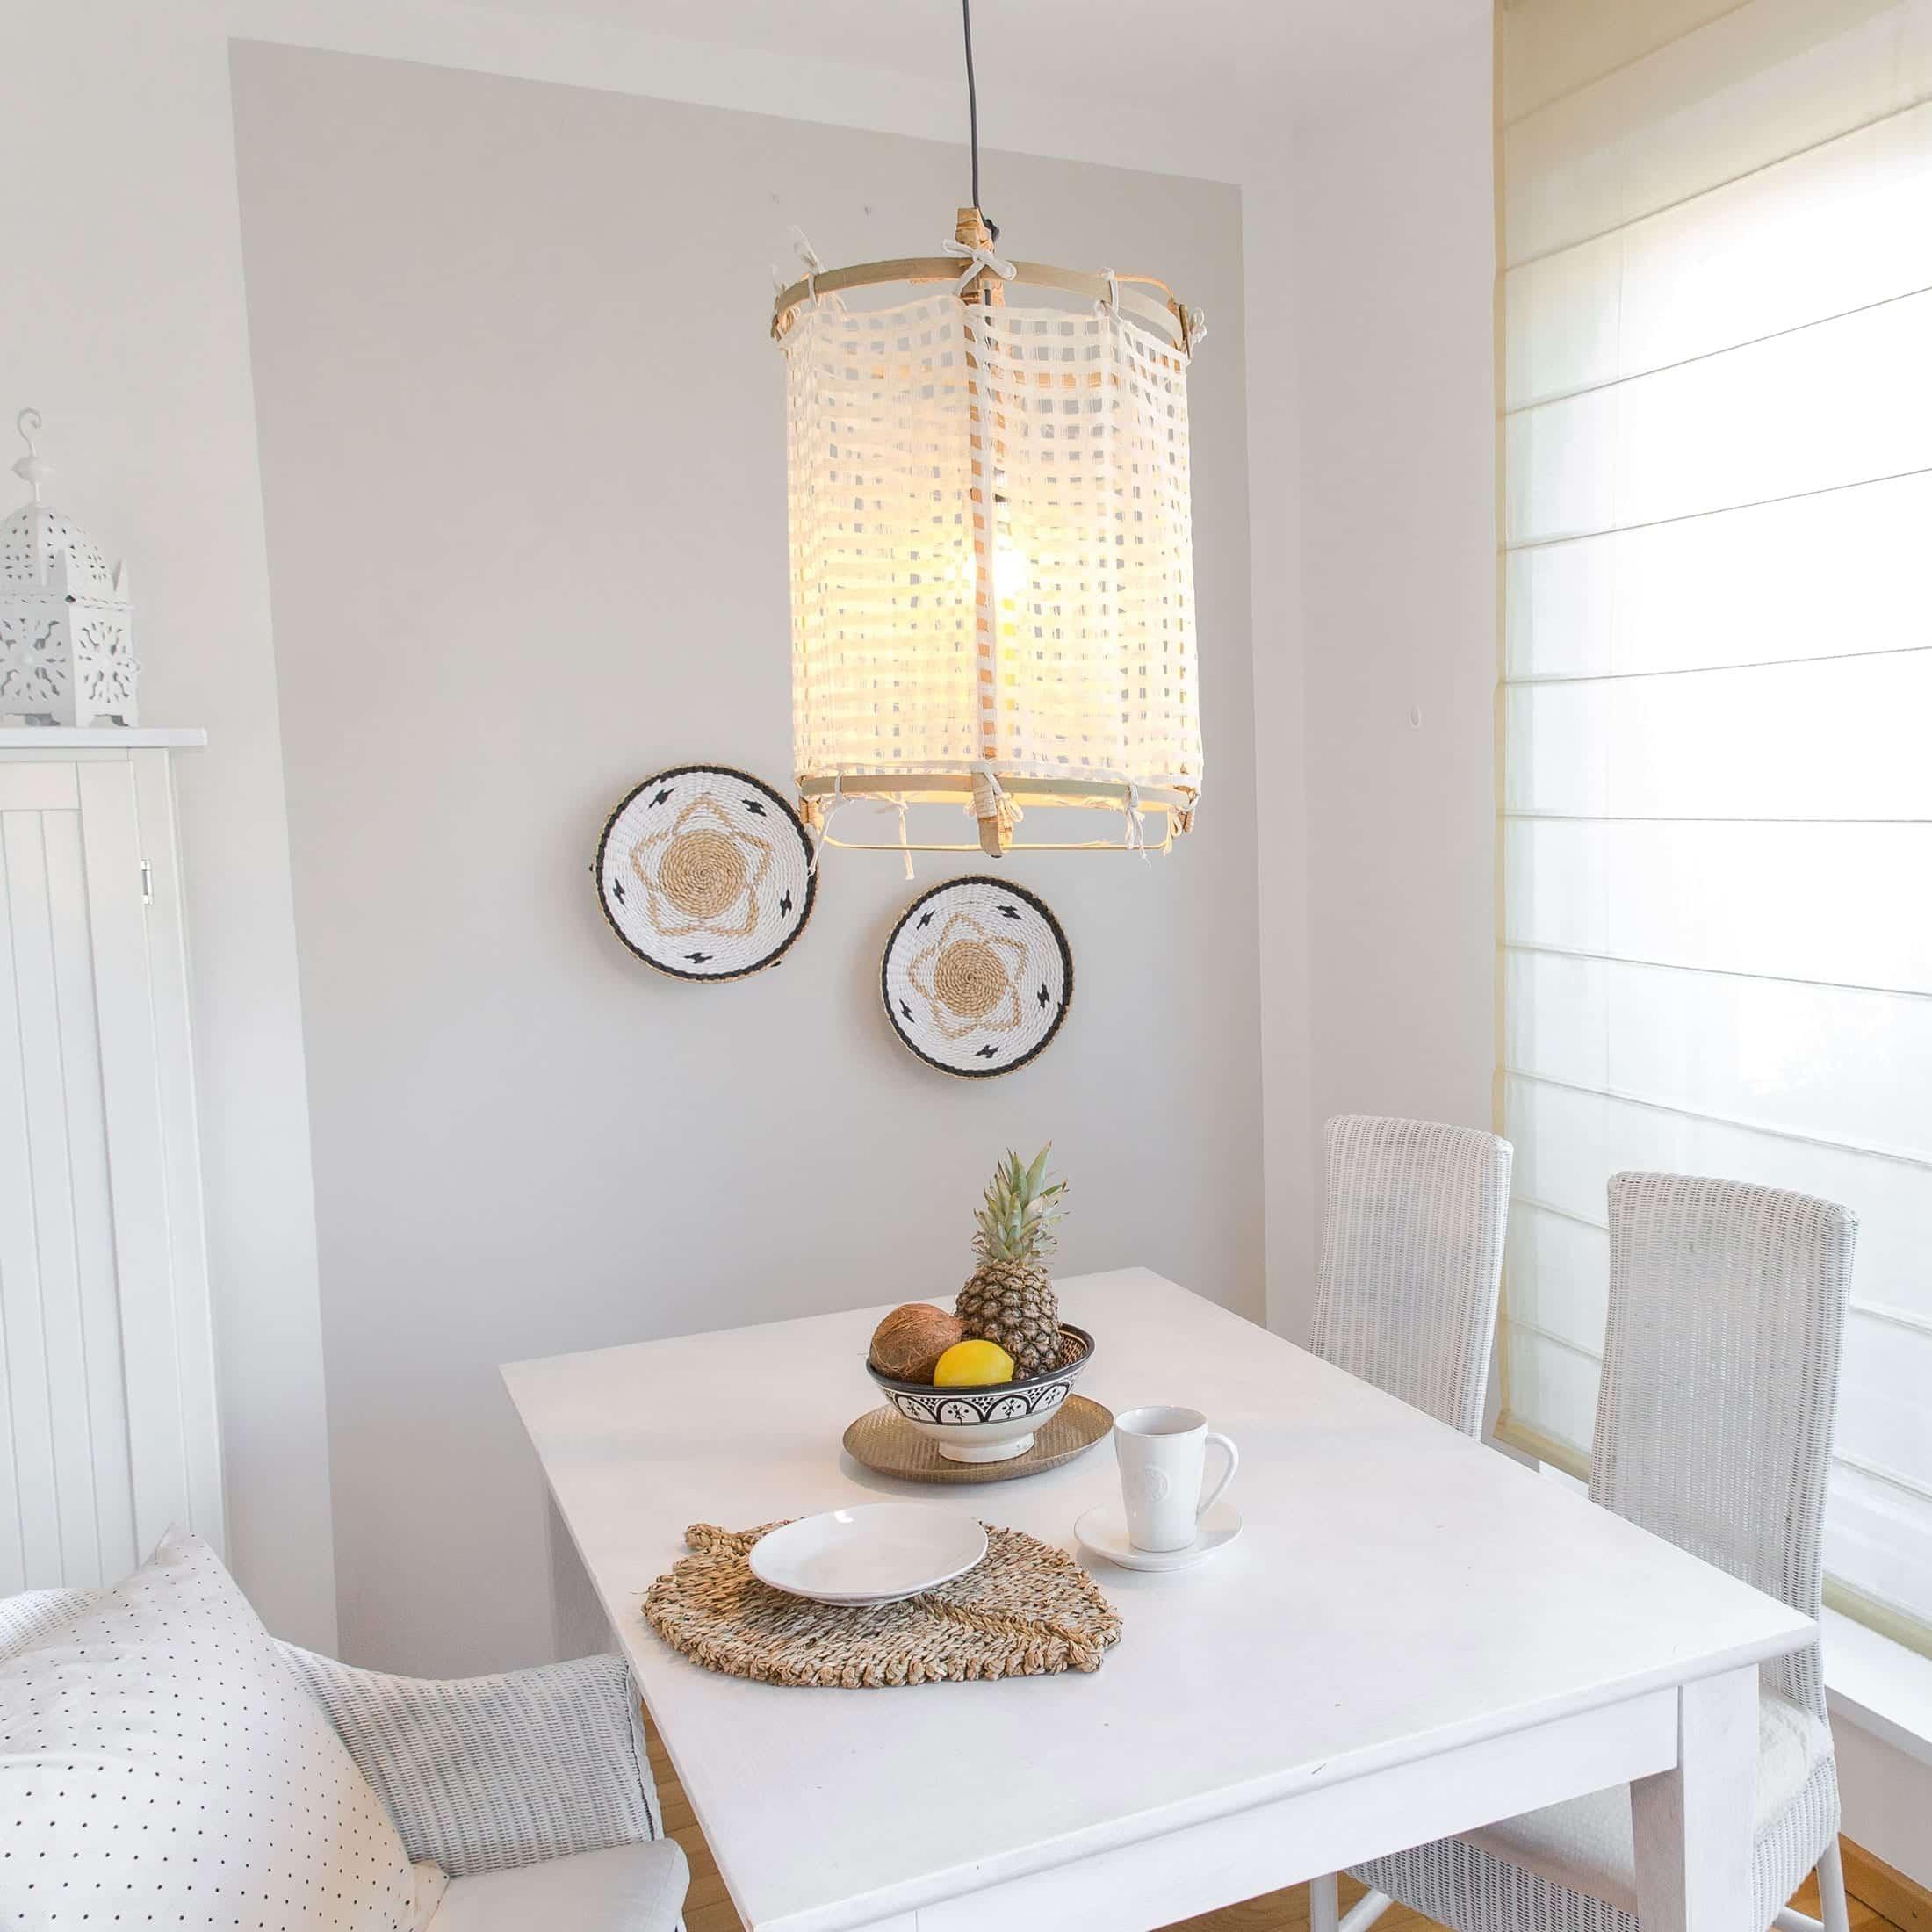 Lampenschirm aus Bambus für Ihre Einrichtung im Strandhaus Stil. Zu den beliebten Lampen gibt es verschiedene Stoffbezüge. Schneller Versand